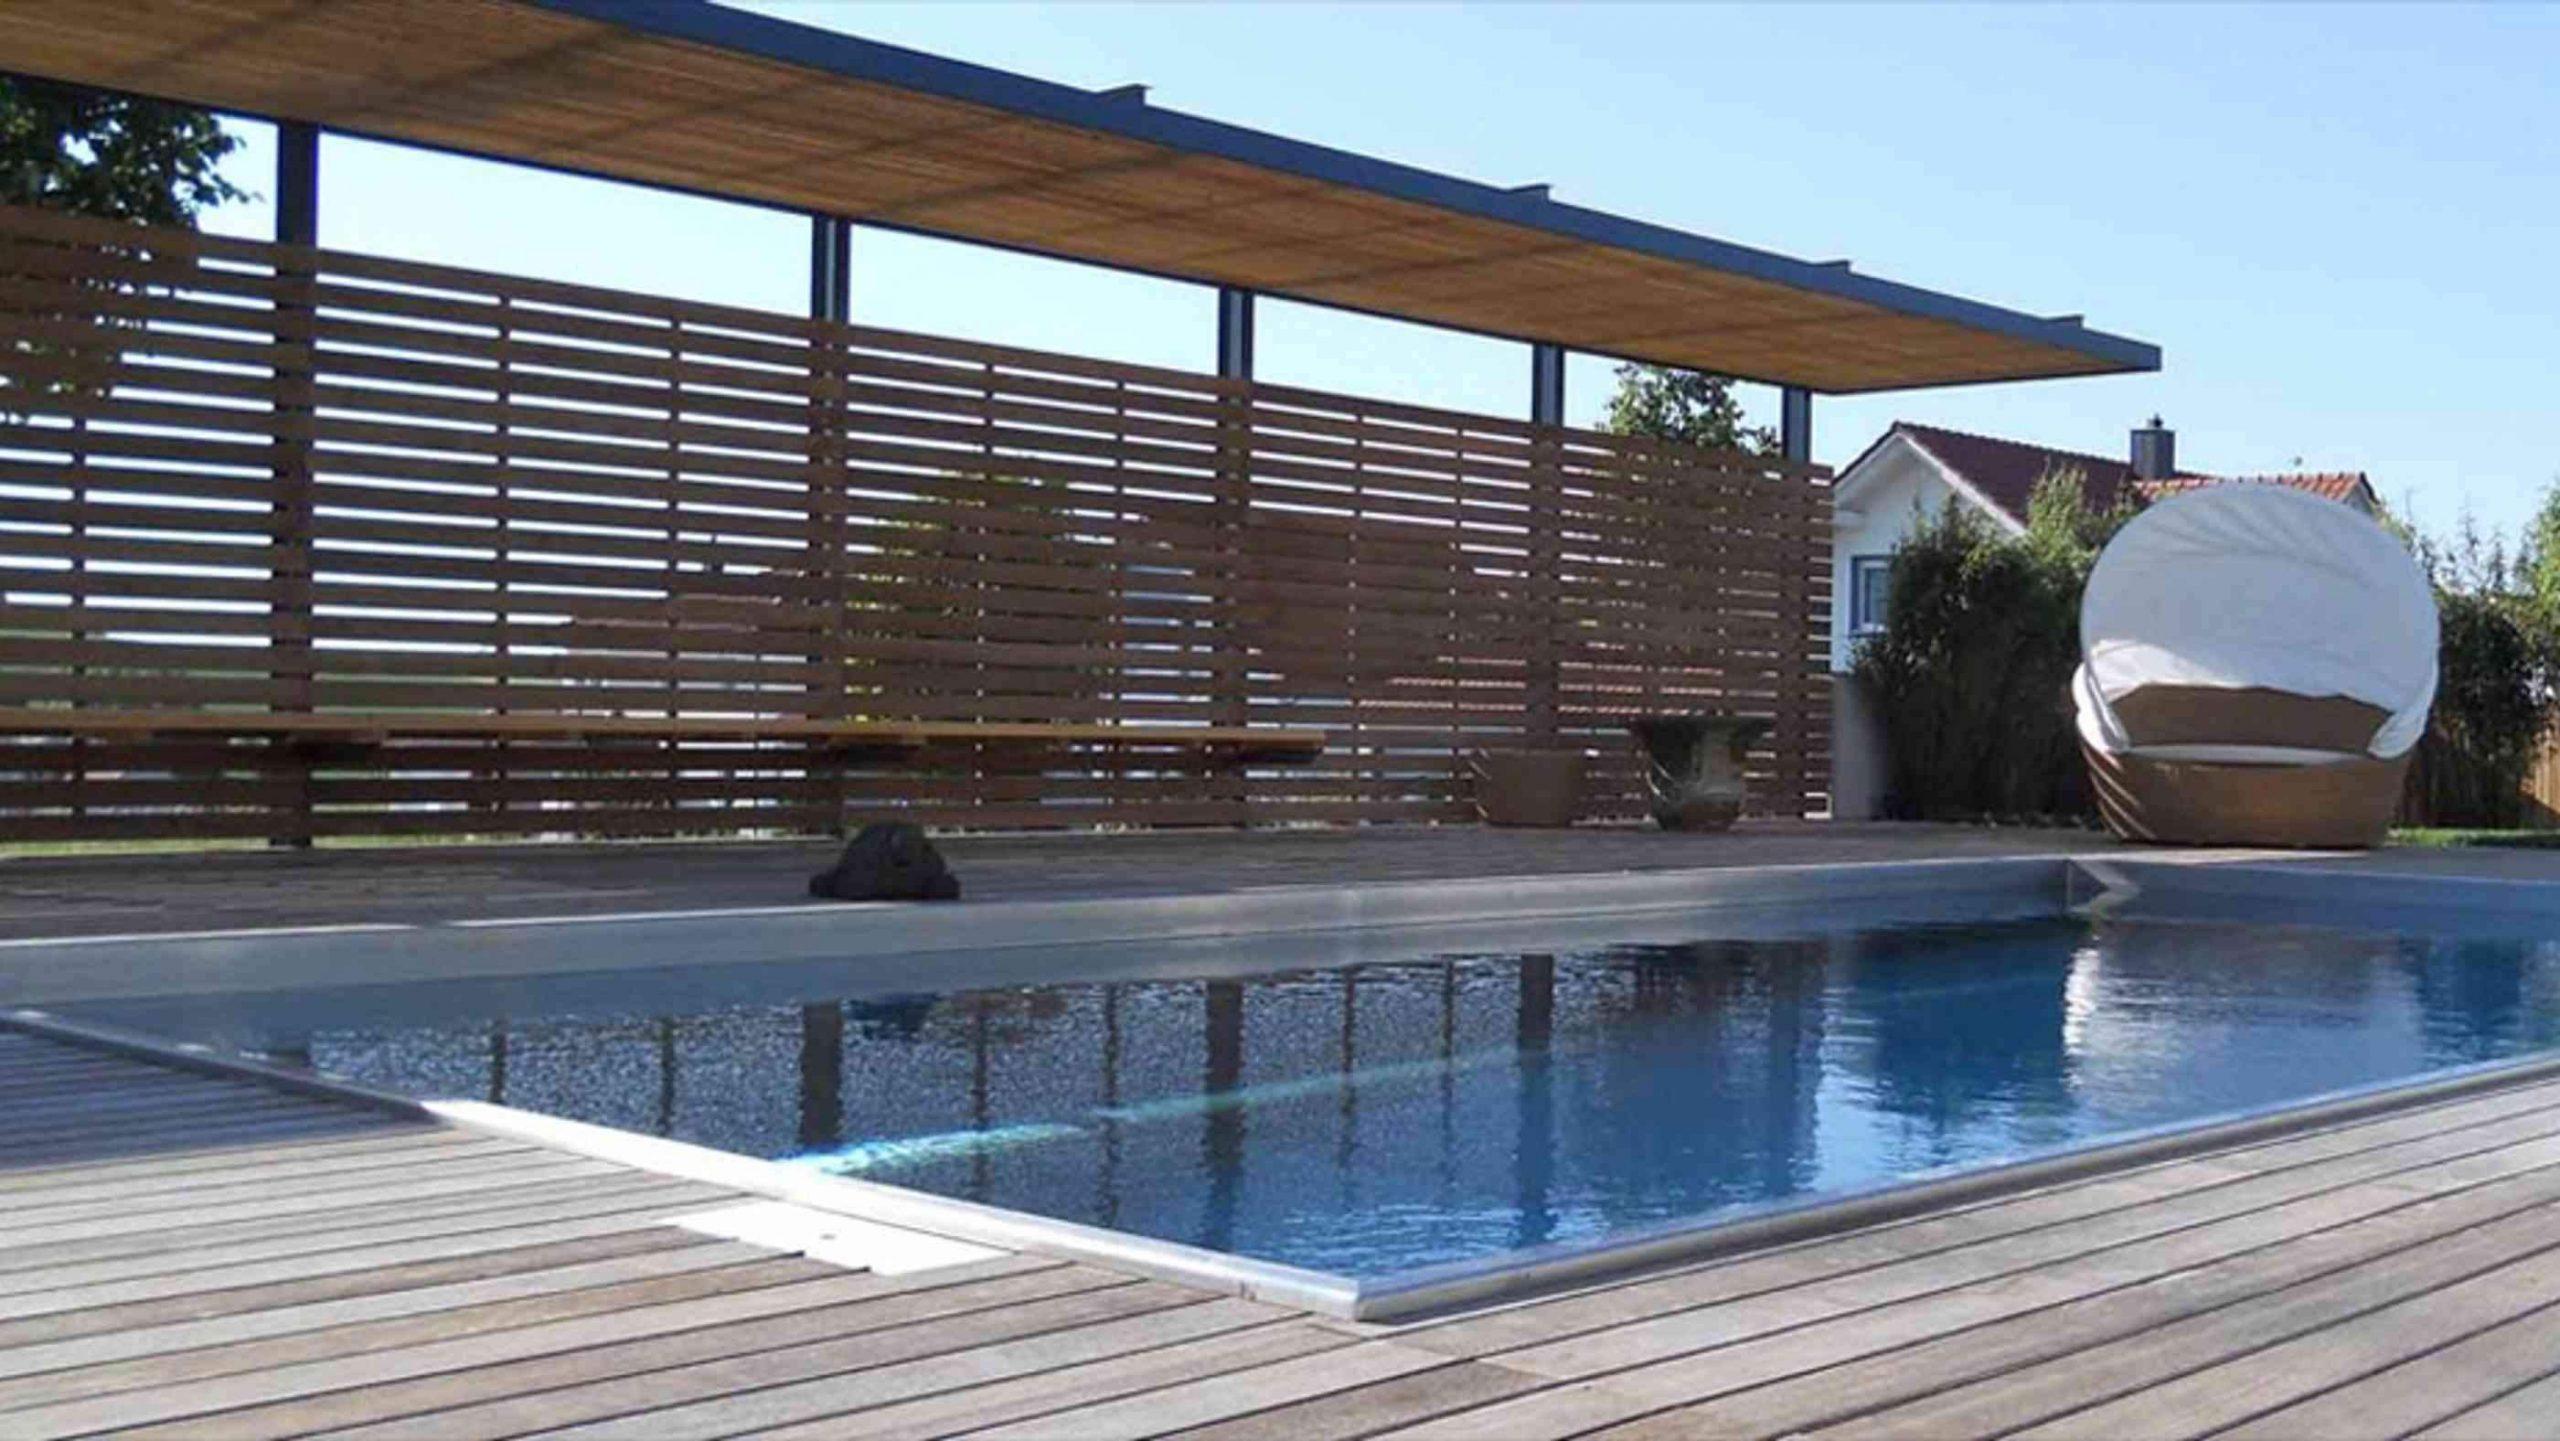 Pool Im Garten Einzigartig Pool Im Garten Bauen so Klappt Das Eigene Schwimmbad